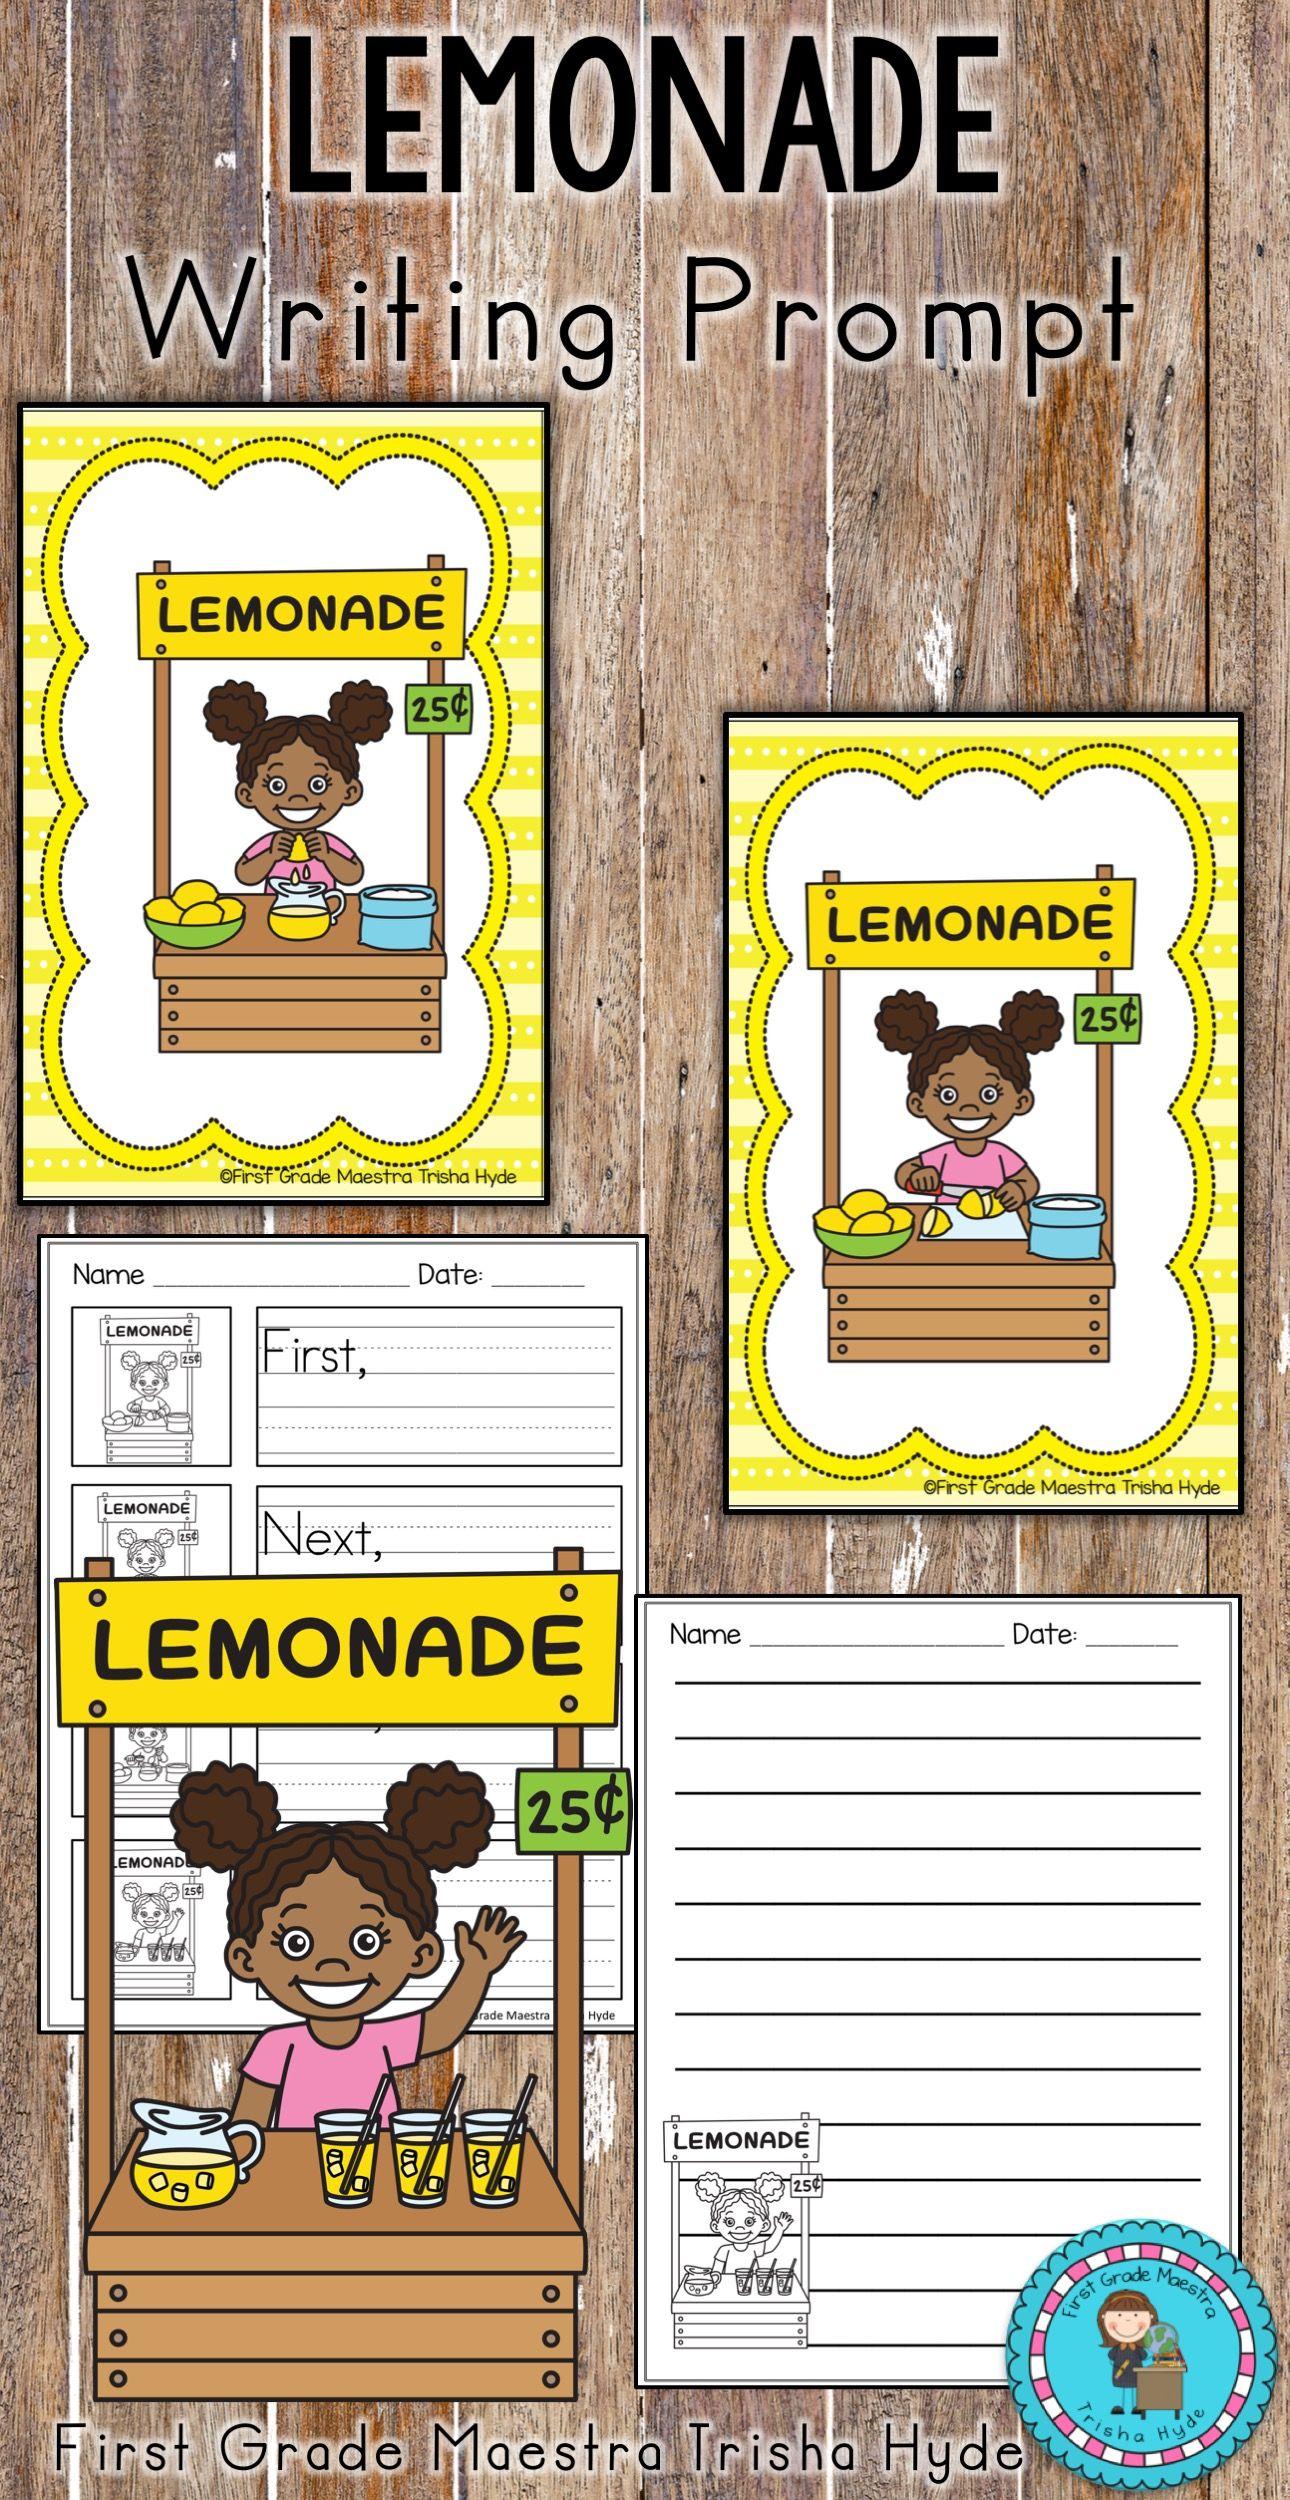 Lemonade Writing Prompt